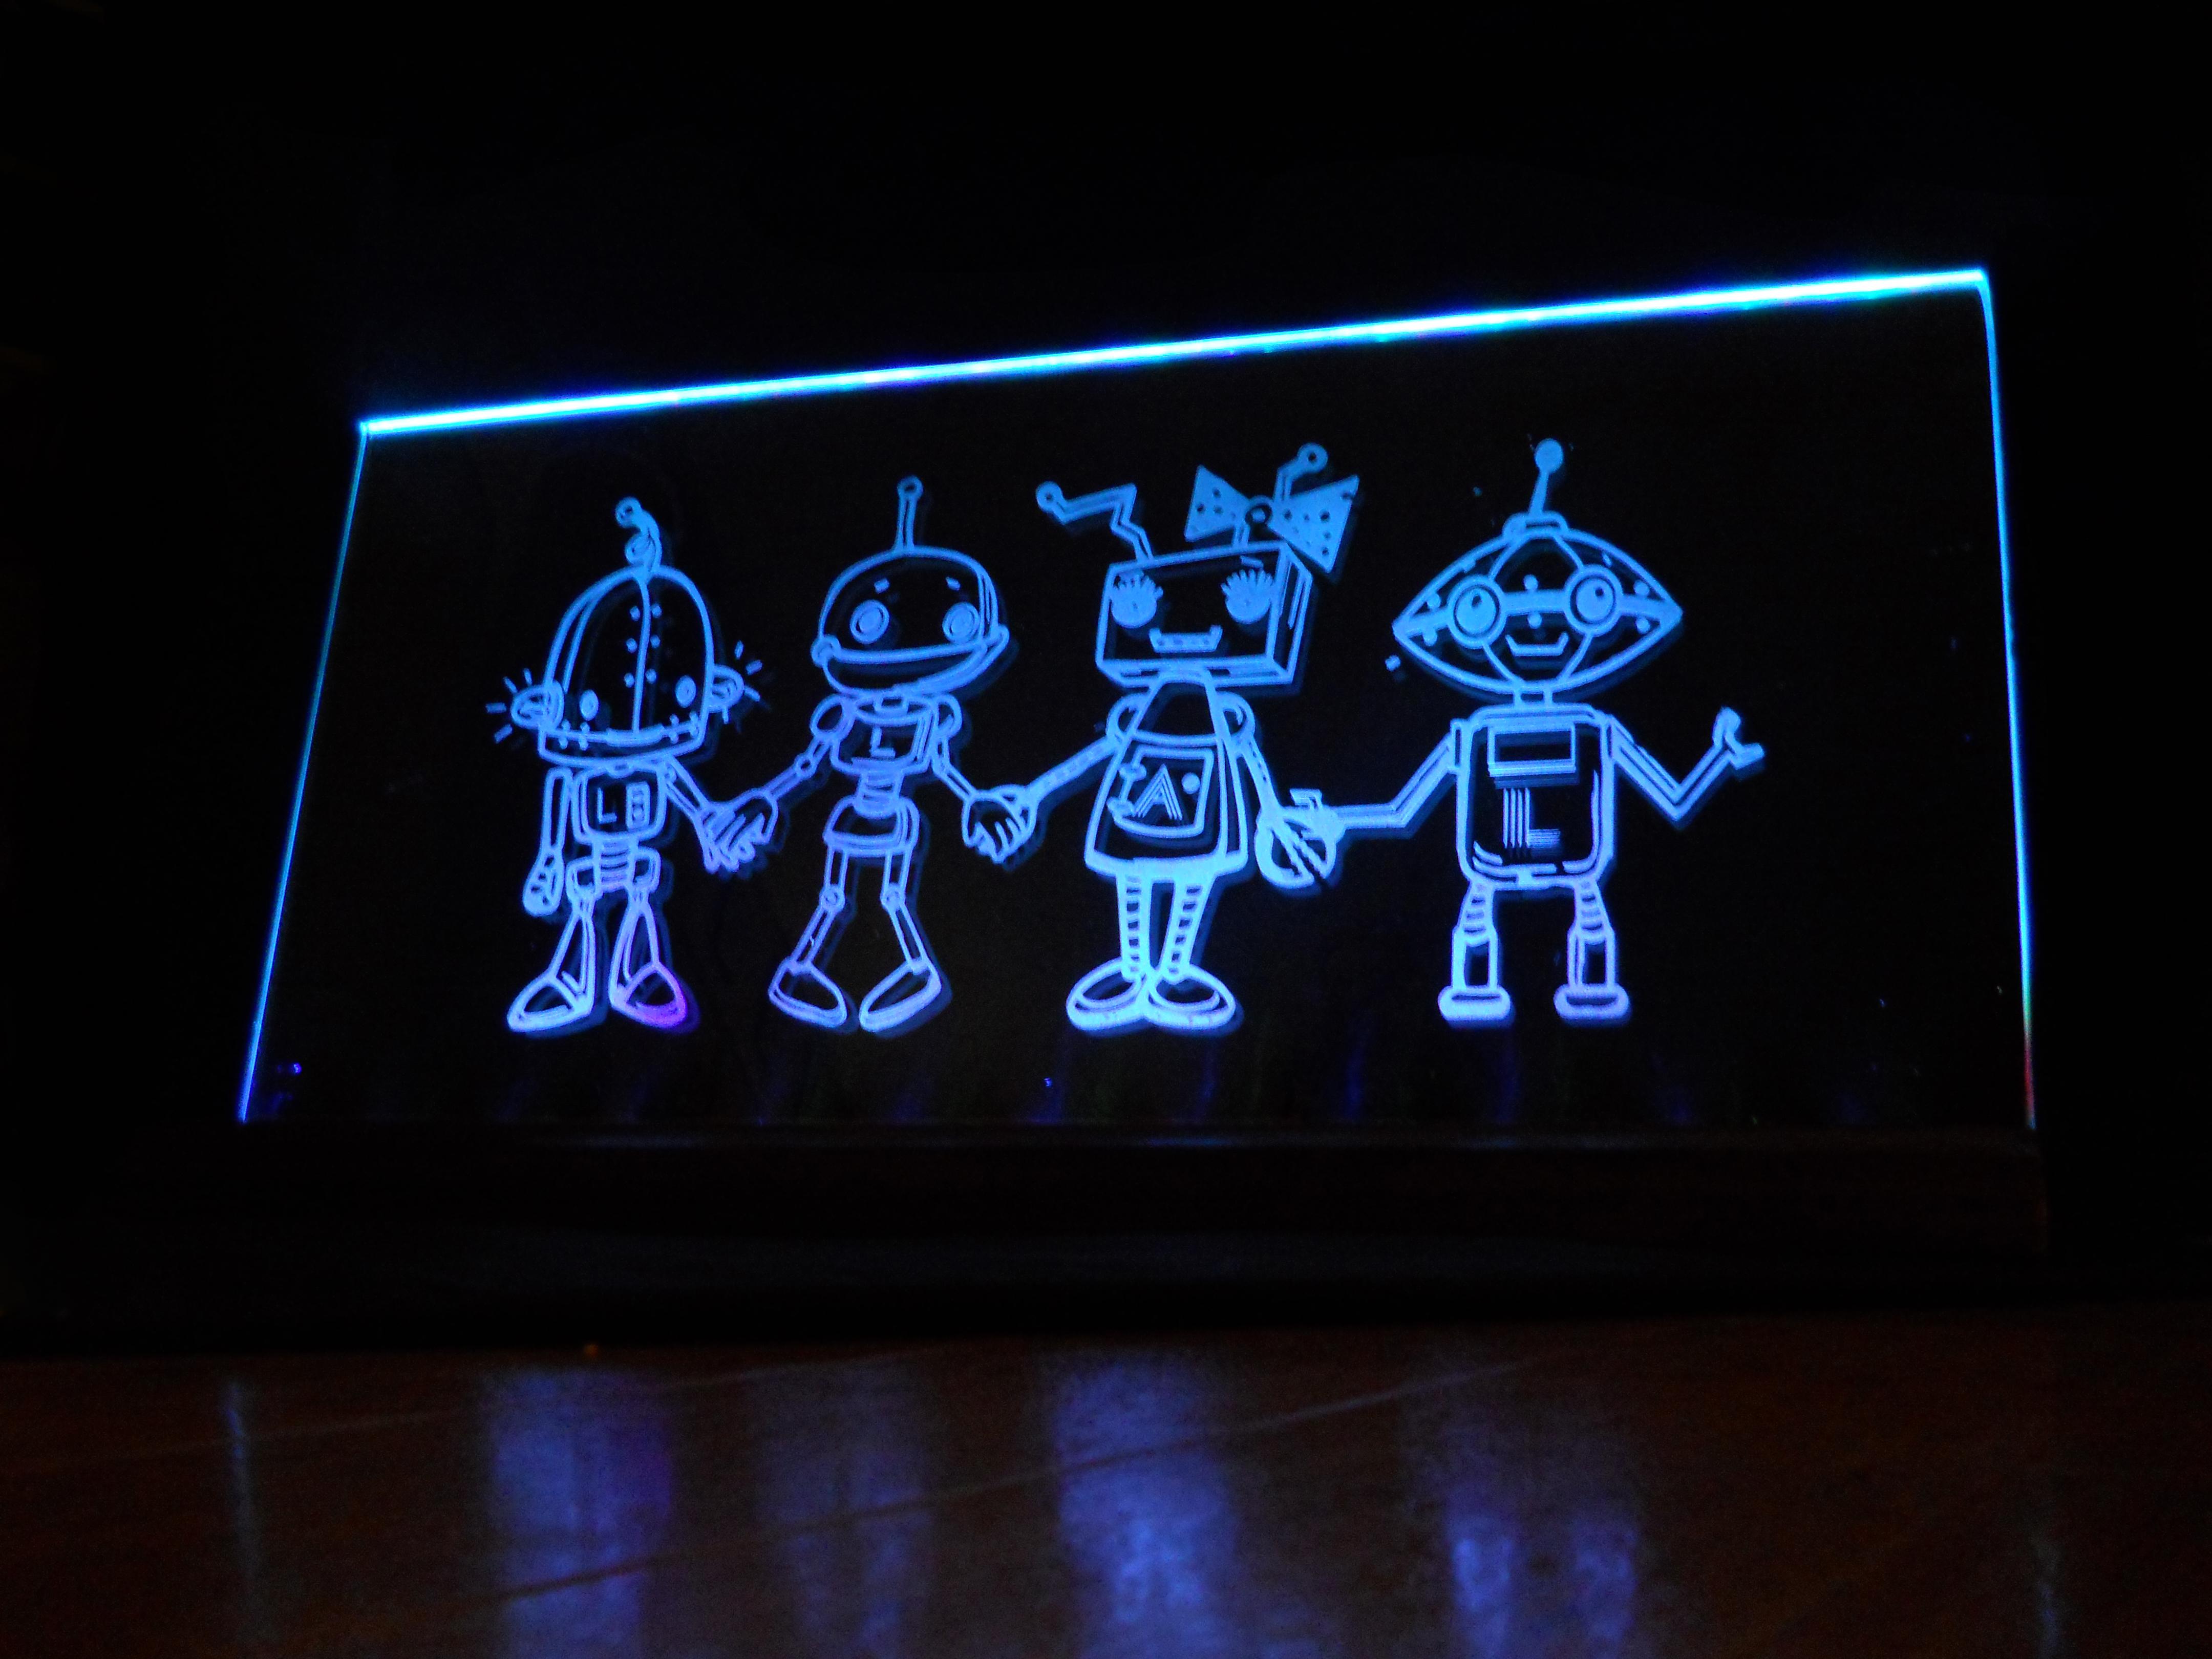 robot nightlight in blue